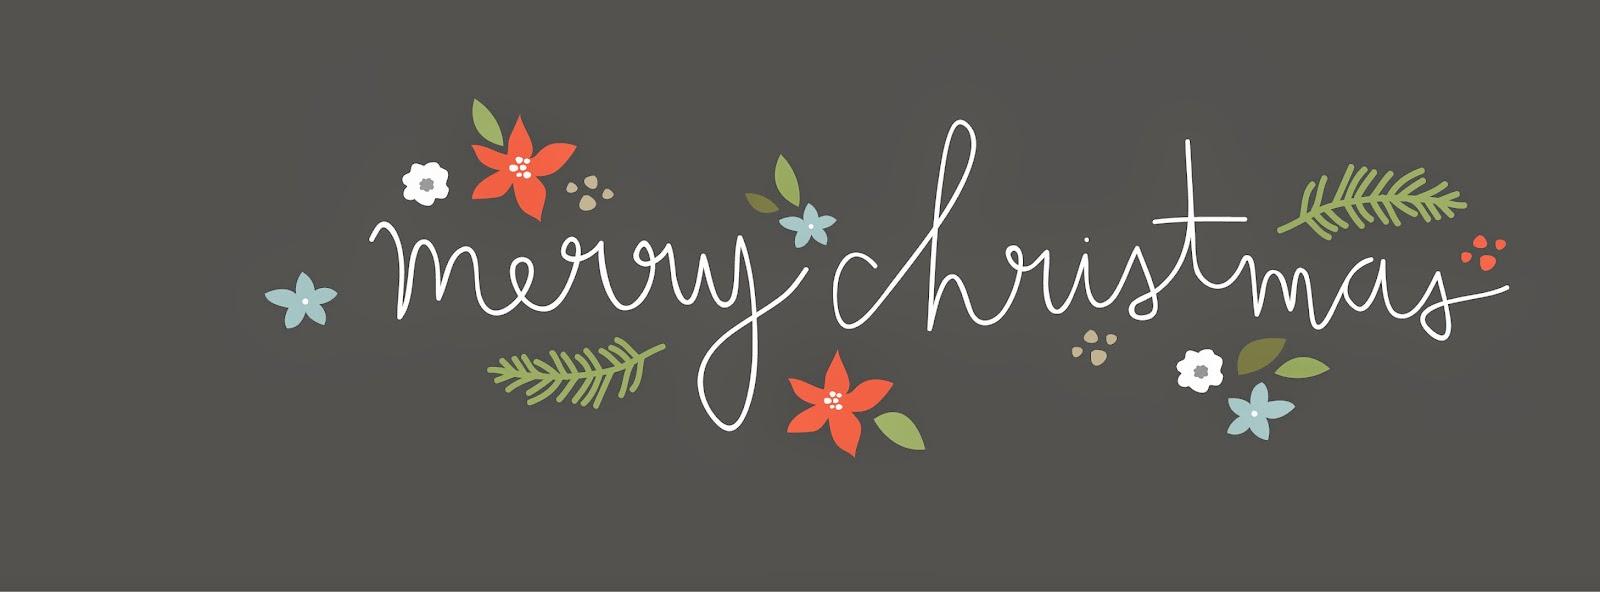 Seri ảnh bìa Facebook Noel tuyệt đẹp dành cho các bạn vào đêm giáng sinh nhé. Phần 1 tại đây. Download bằng cách save nguyên bài này lại nhé!